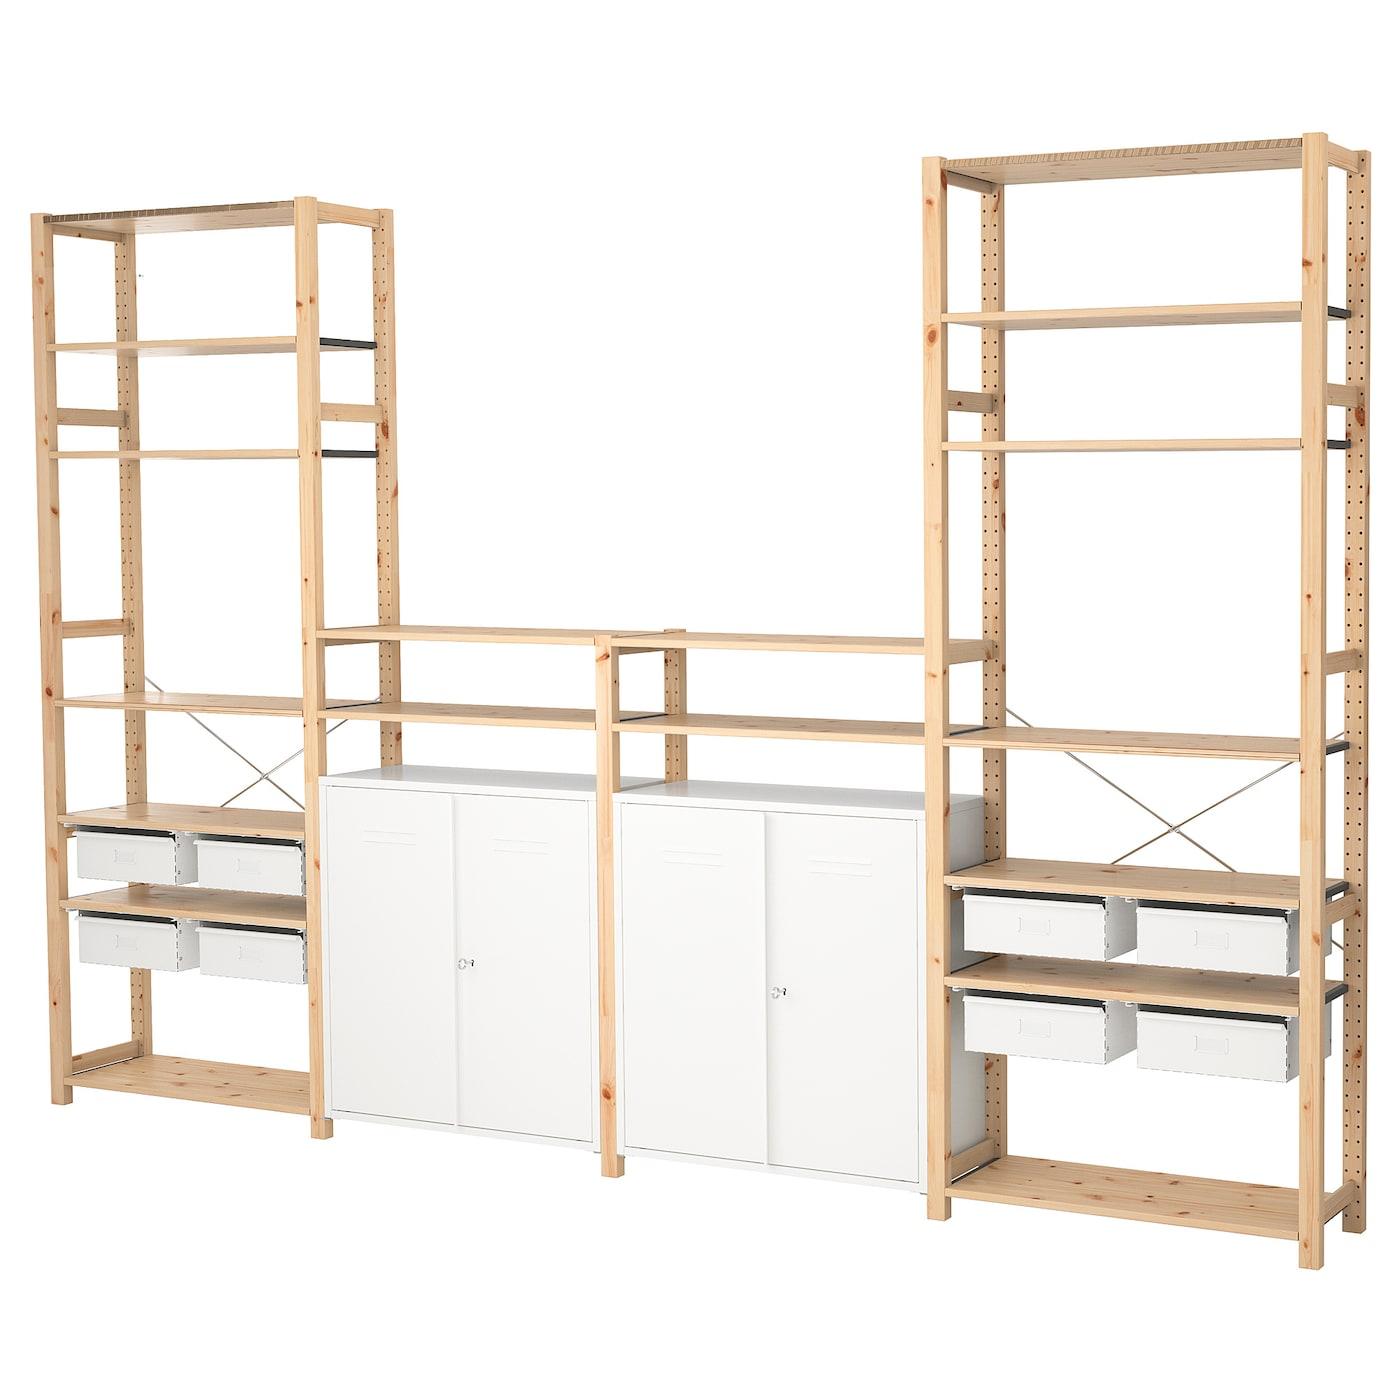 Ikea Cabinet Doors